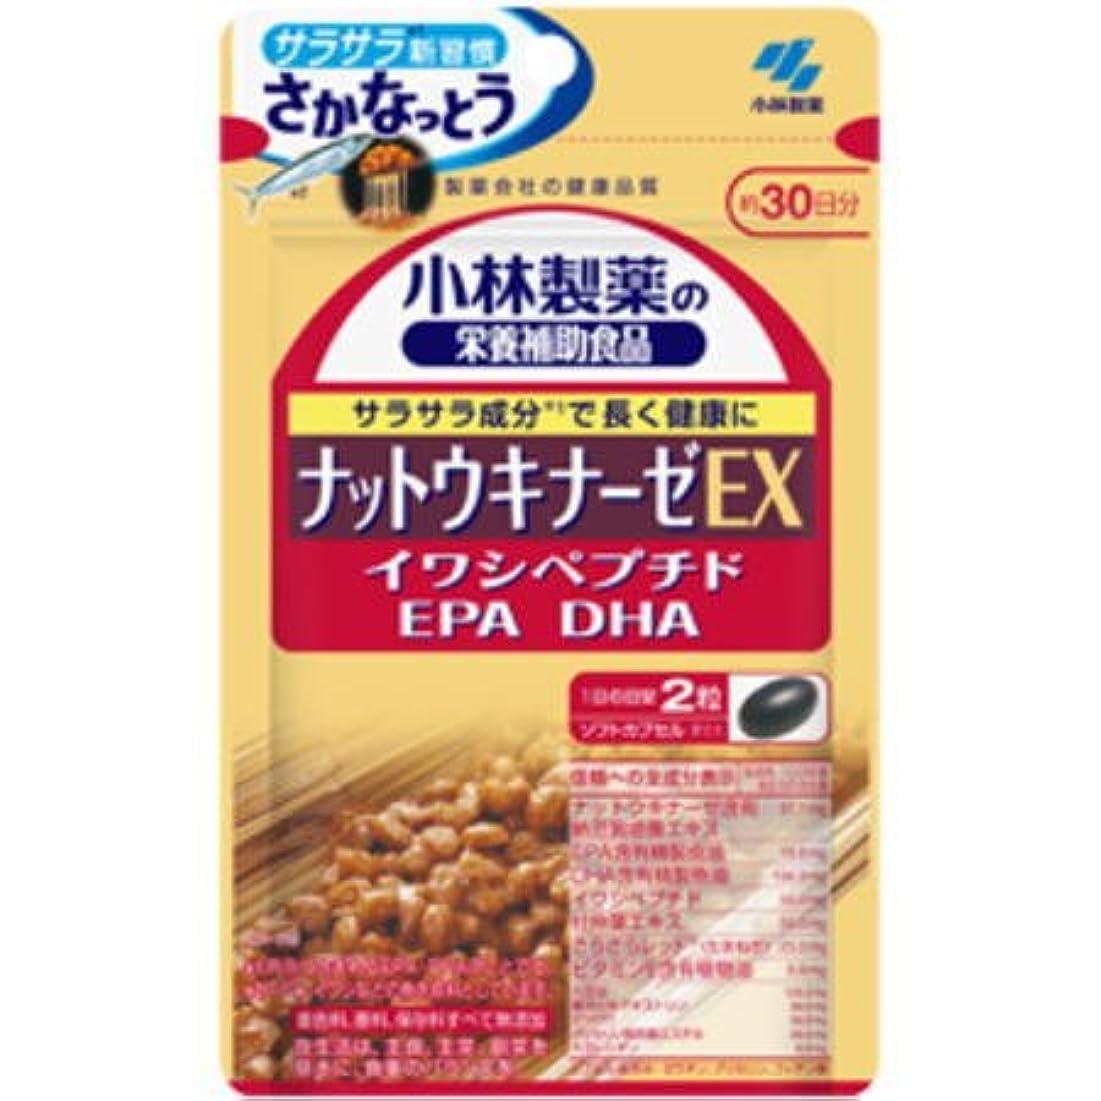 裁定軍艦投資小林製薬 ナットウキナーゼ EX 60粒×3個セット【ネコポス発送】